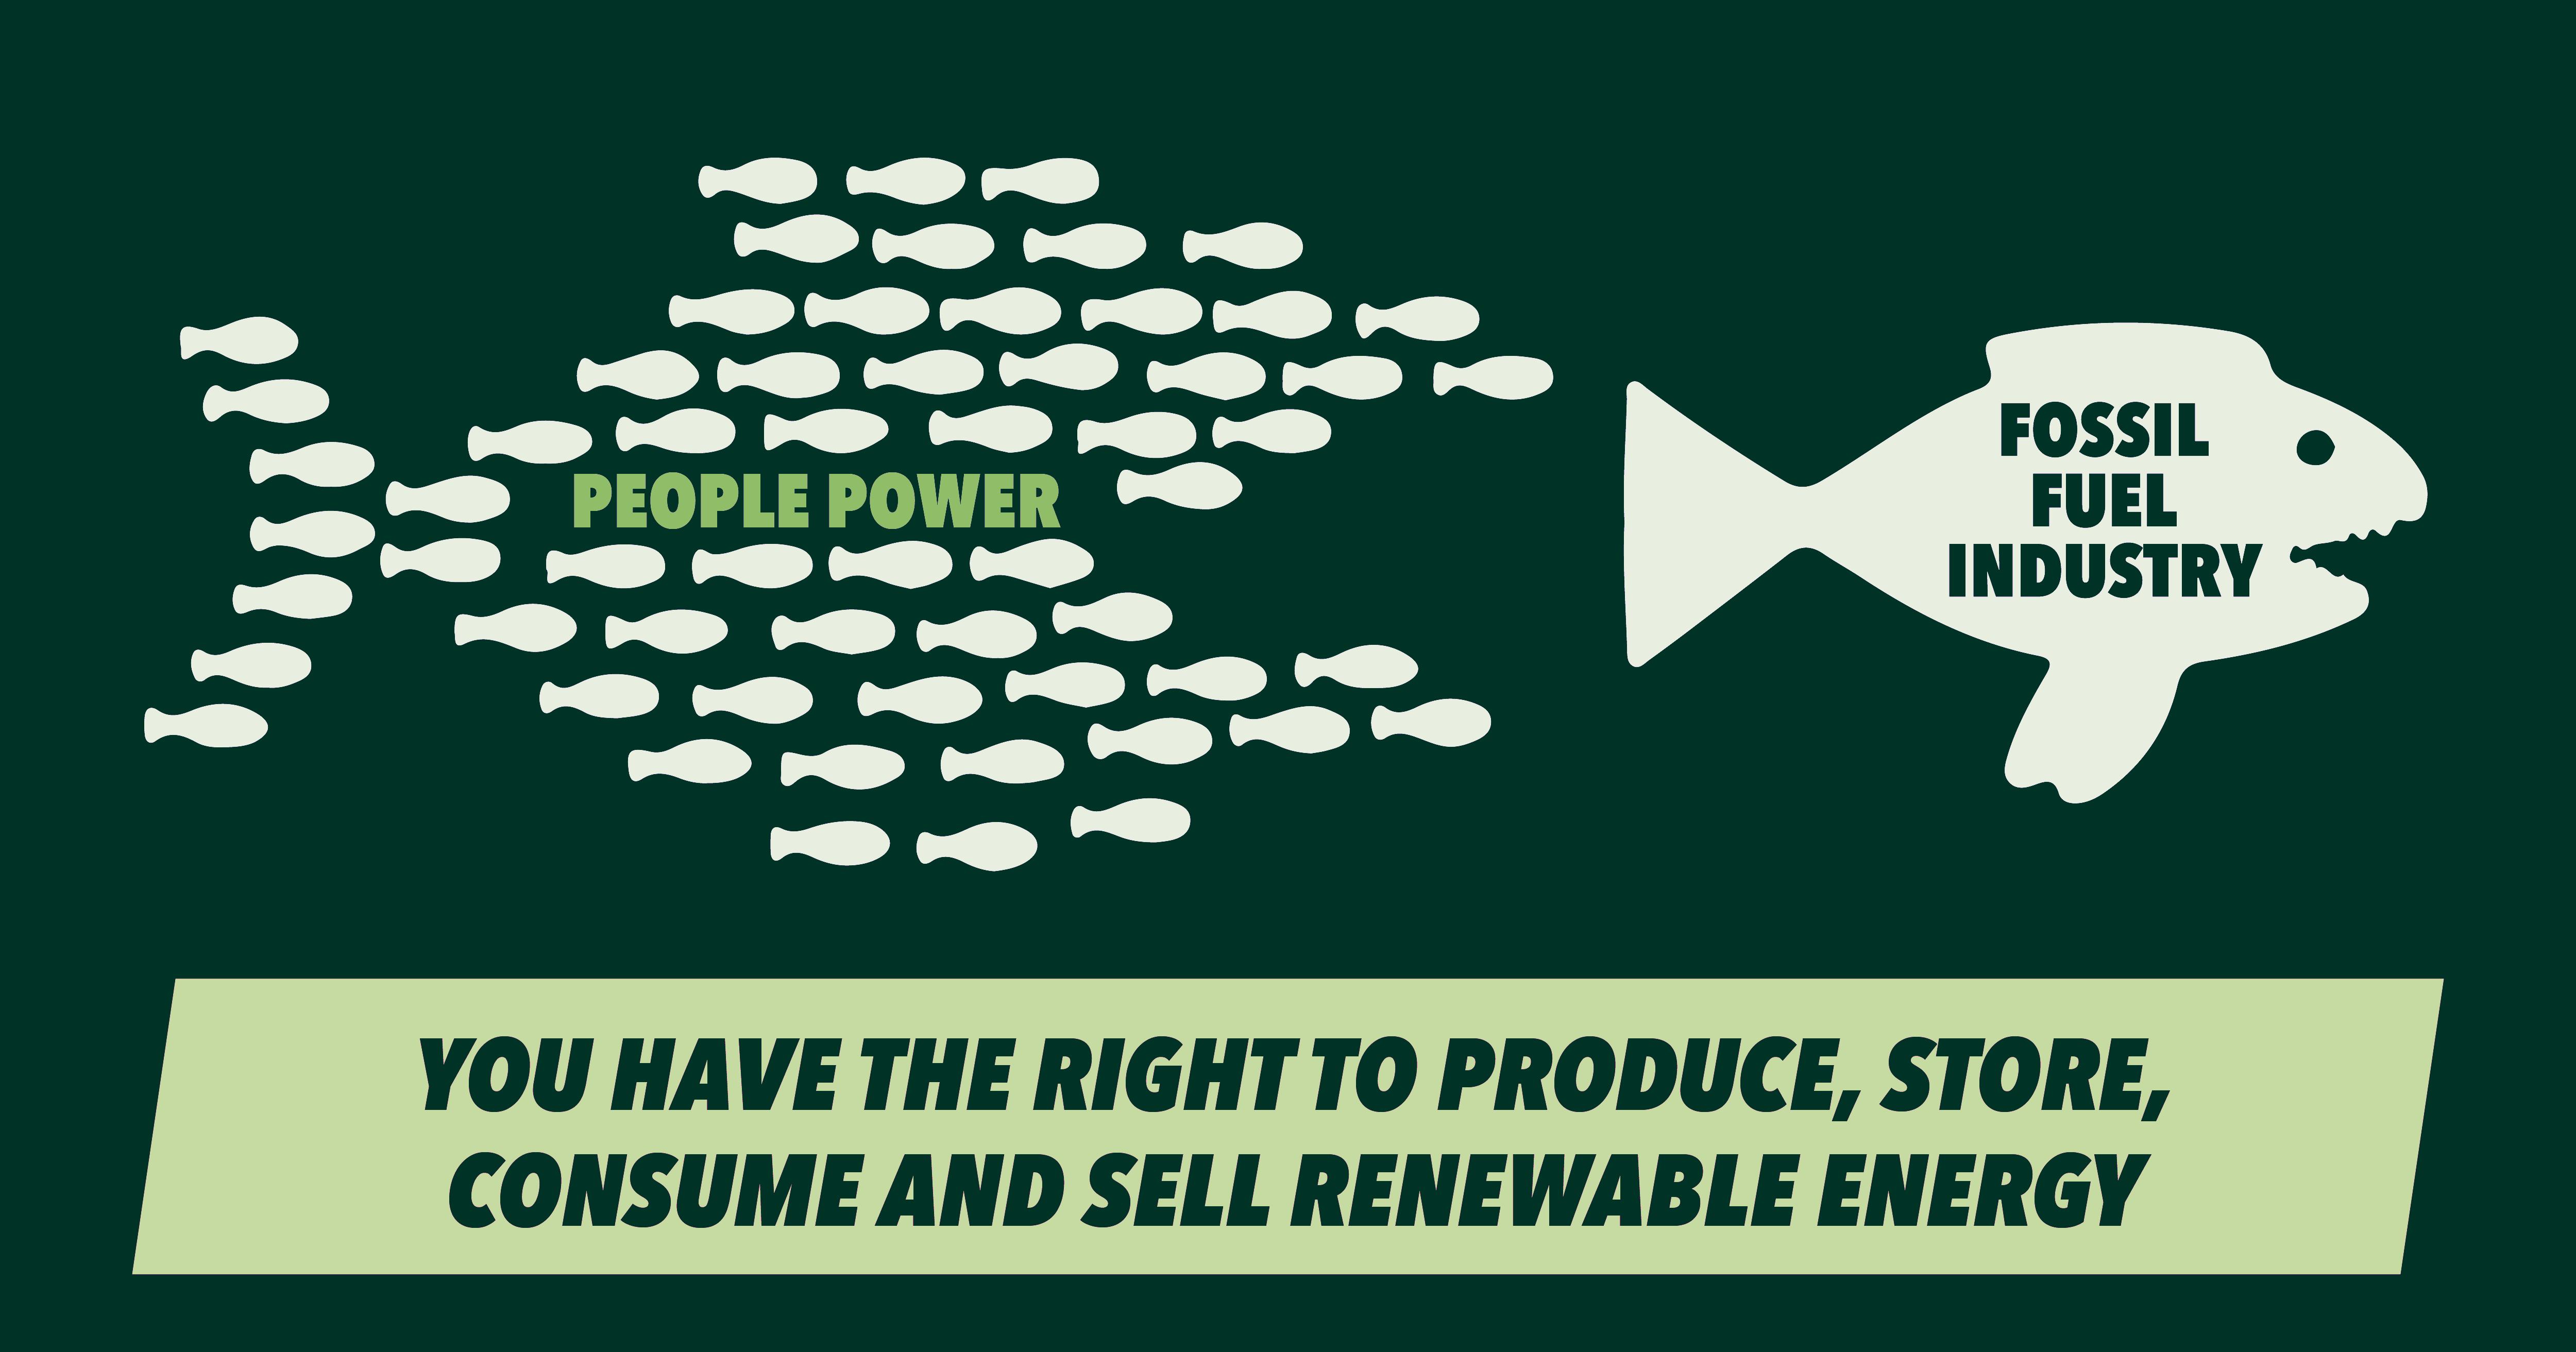 De nieuwe EU-regelgeving moet de weg vrijmaken voor volwaardige burgerparticipatie in de energietransitie.